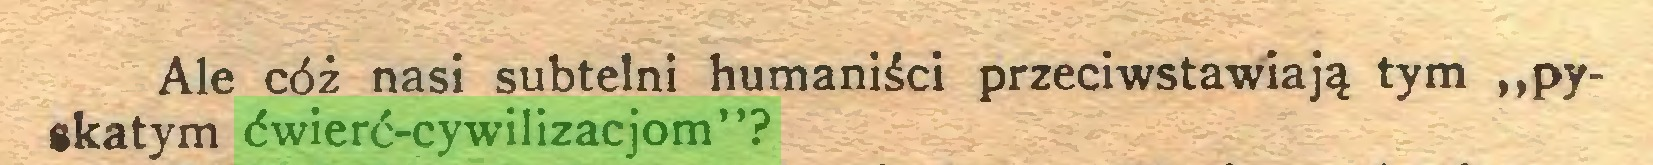 """(...) Ale cóż nasi subtelni humaniści przeciwstawiają tym """"pyskatym ćwierć-cywilizacjom""""?..."""